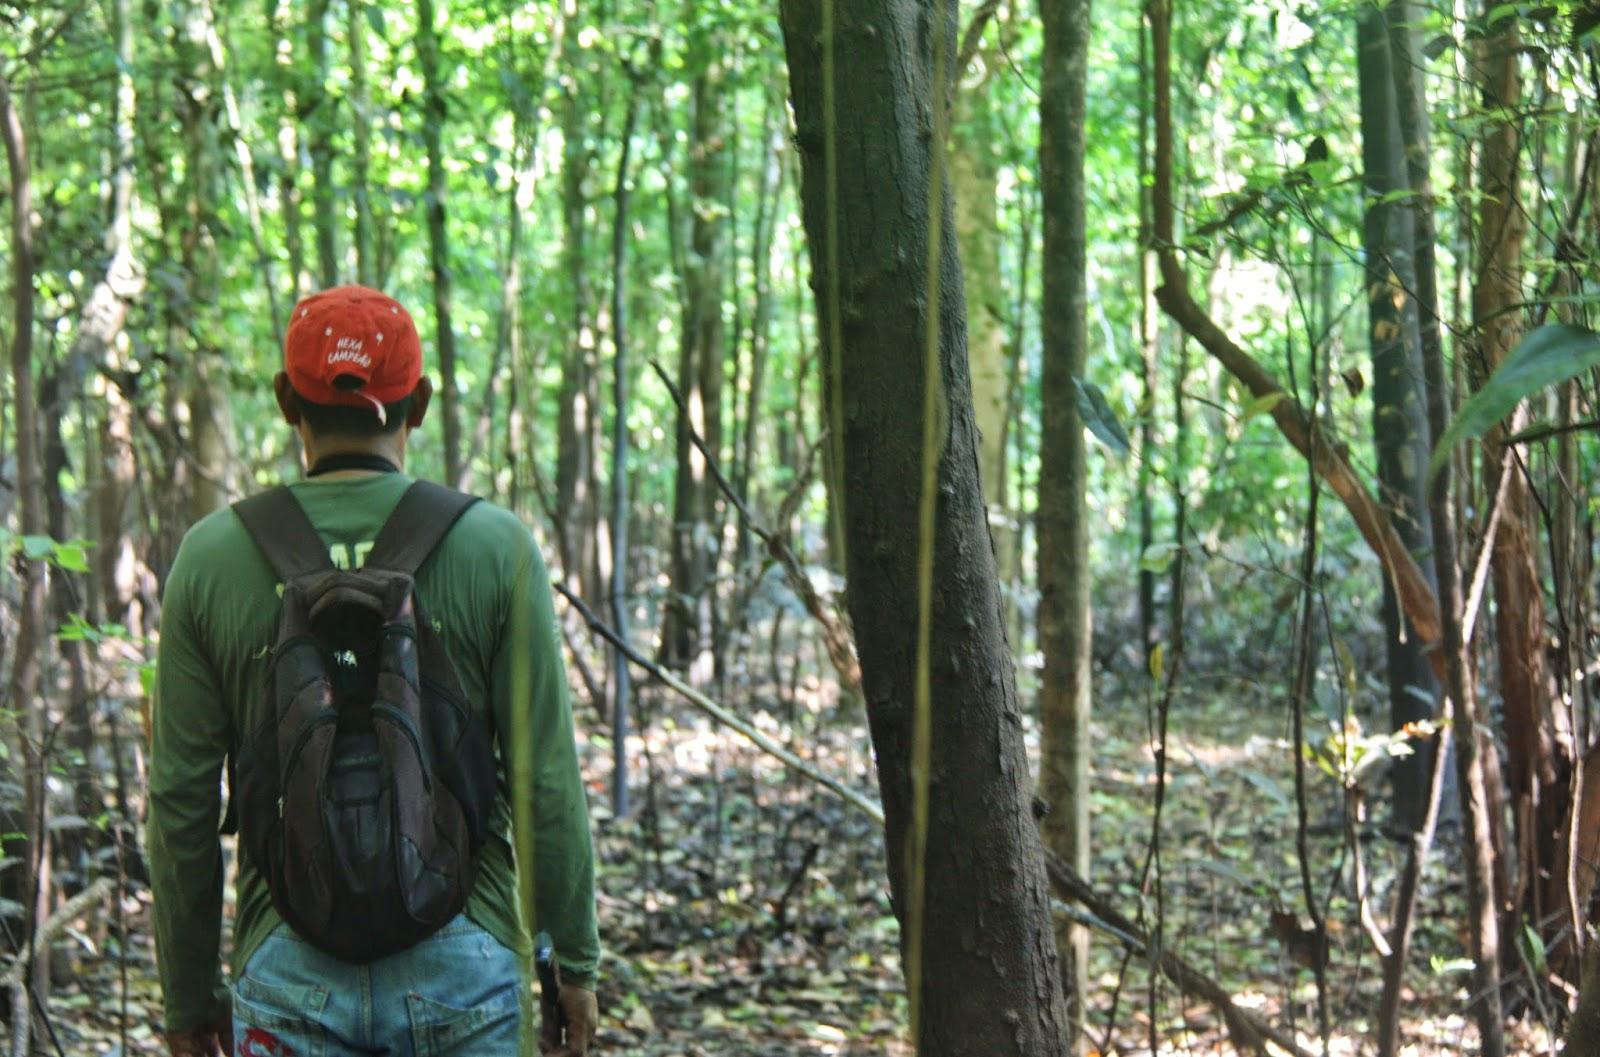 Nativo da Amazônia, nos guiando pela selva.